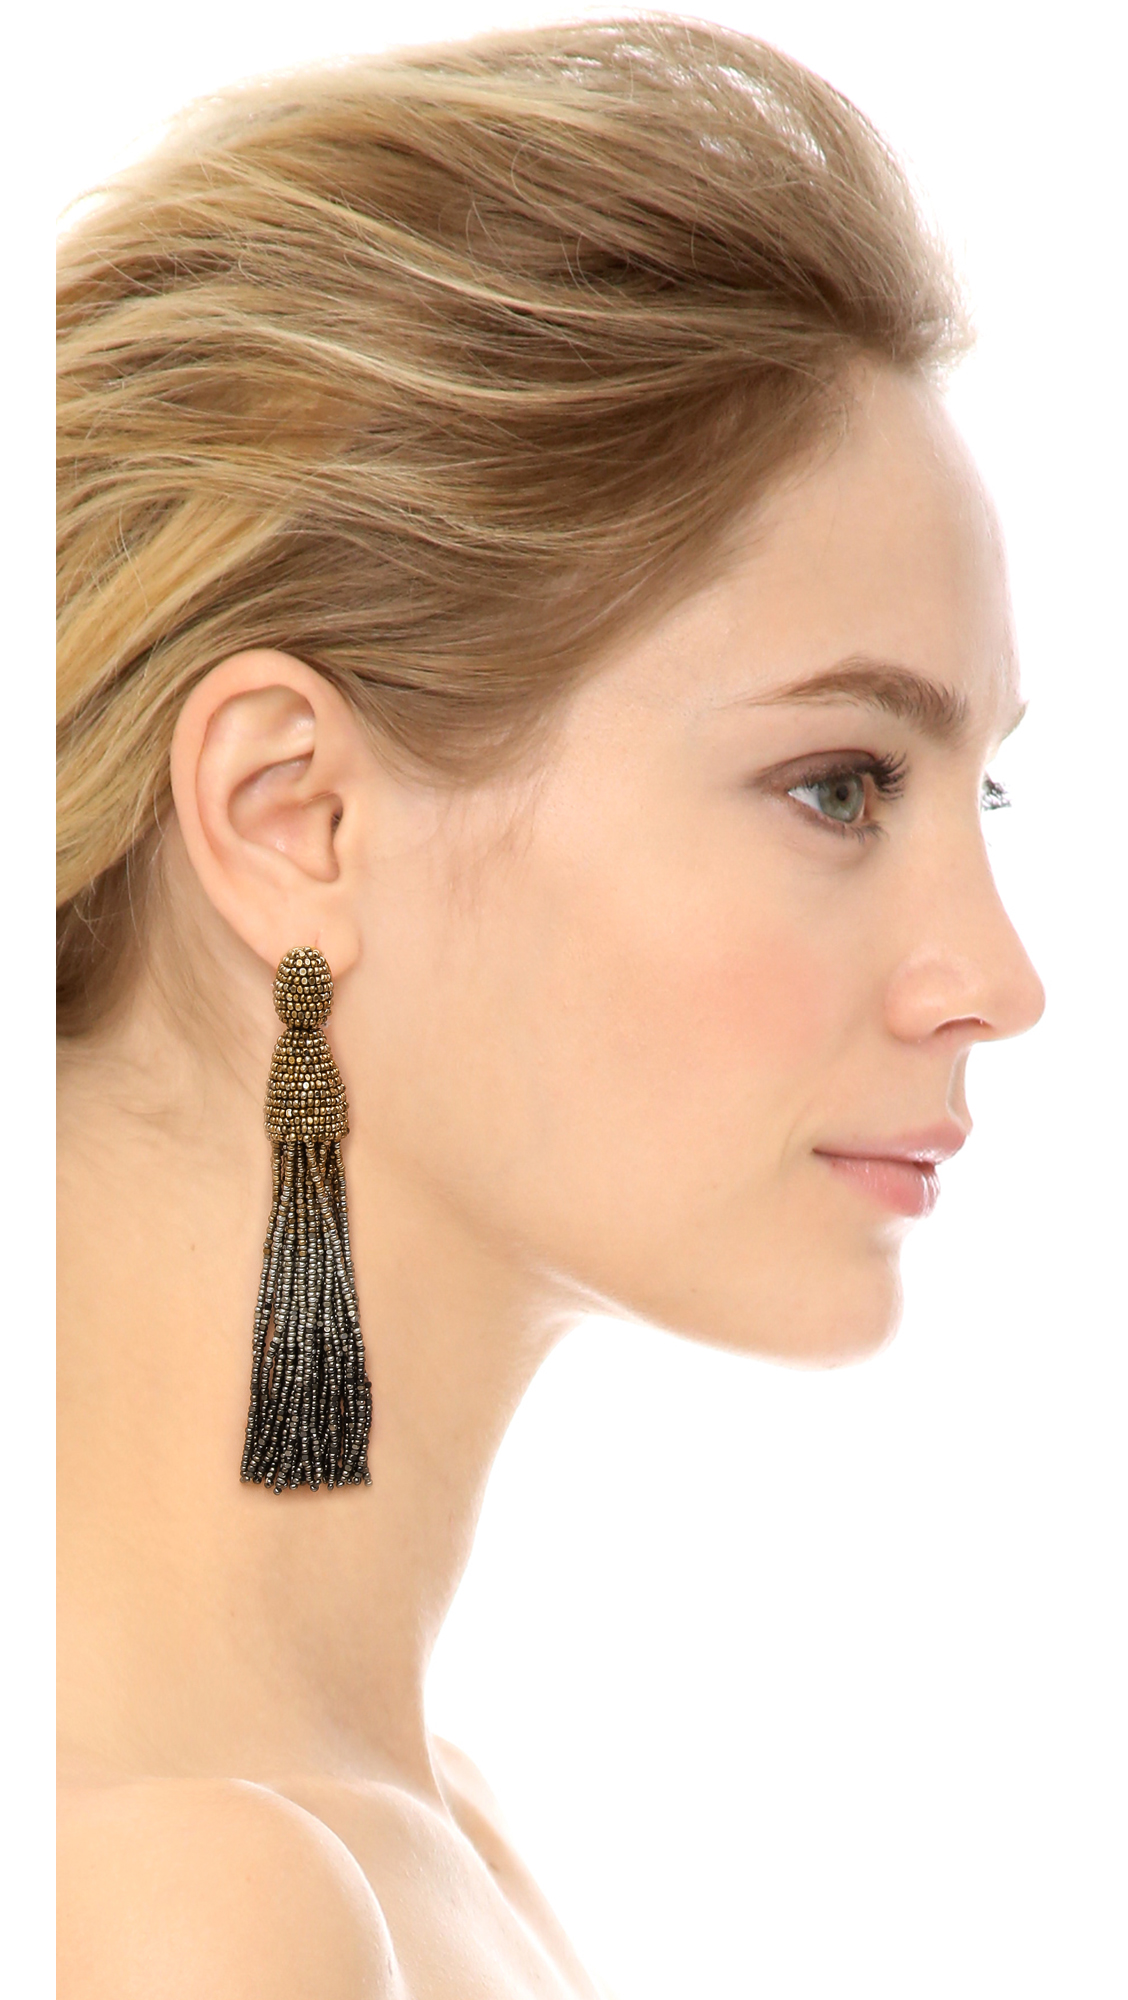 Oscar De La Renta Ombre Tassel Earrings Shopbop